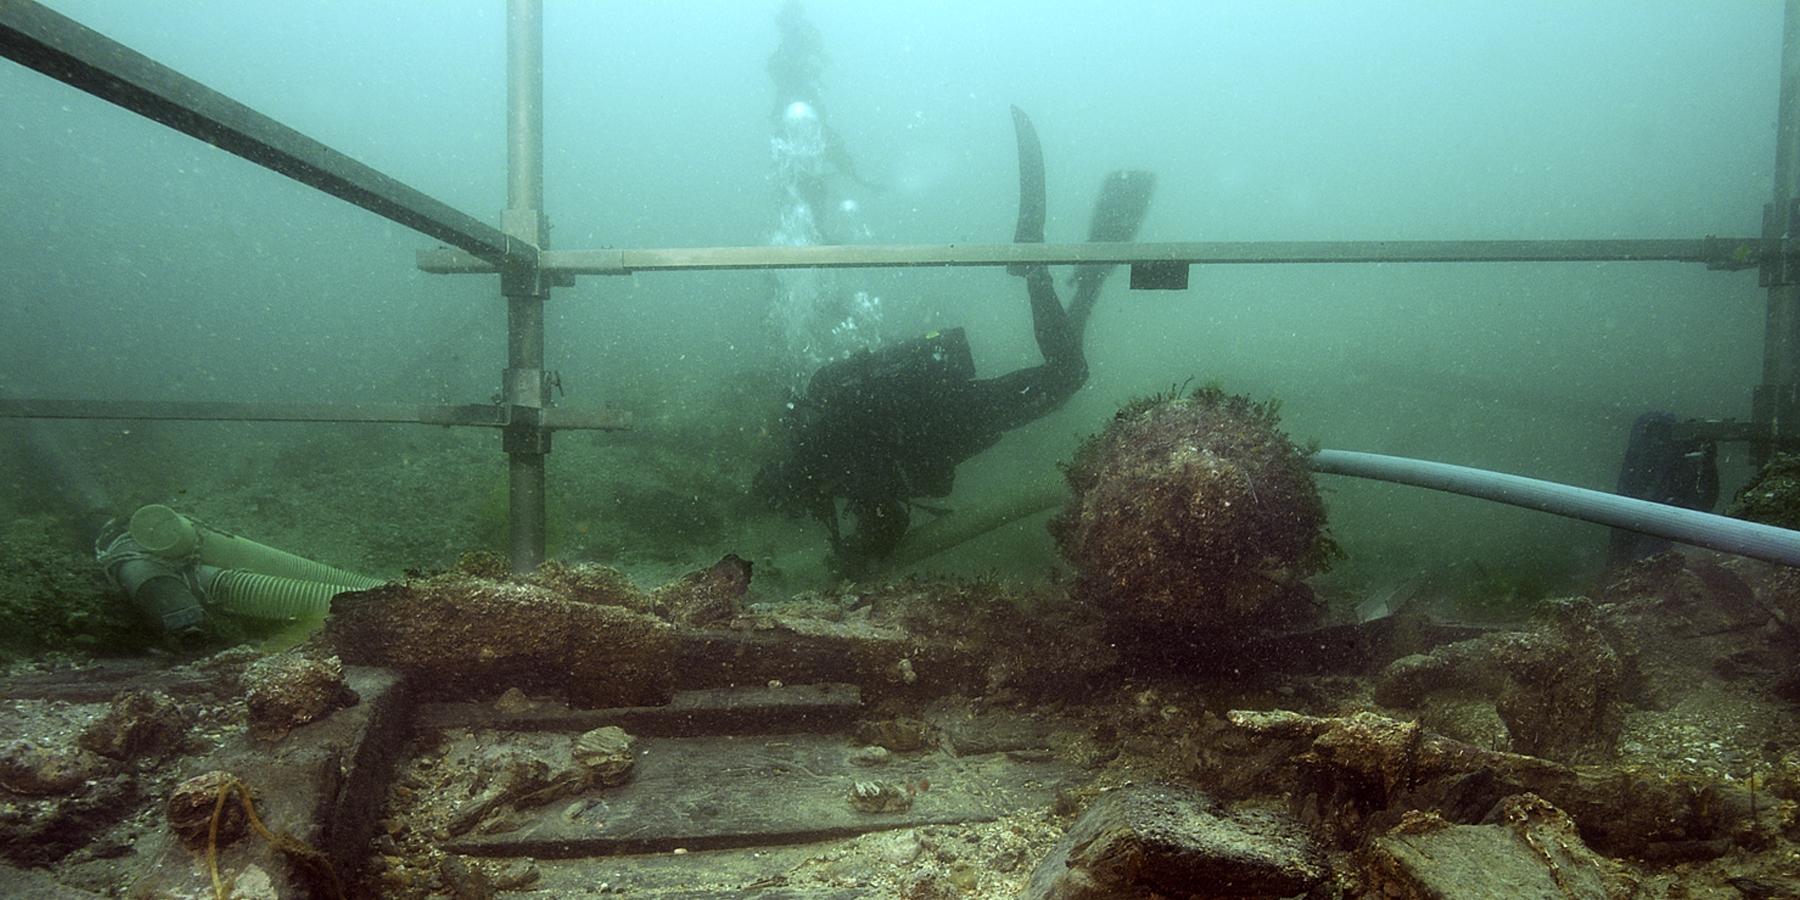 archeosaintmalo - Saint-Malo : plongez à la découverte d'une riche histoire immergée !